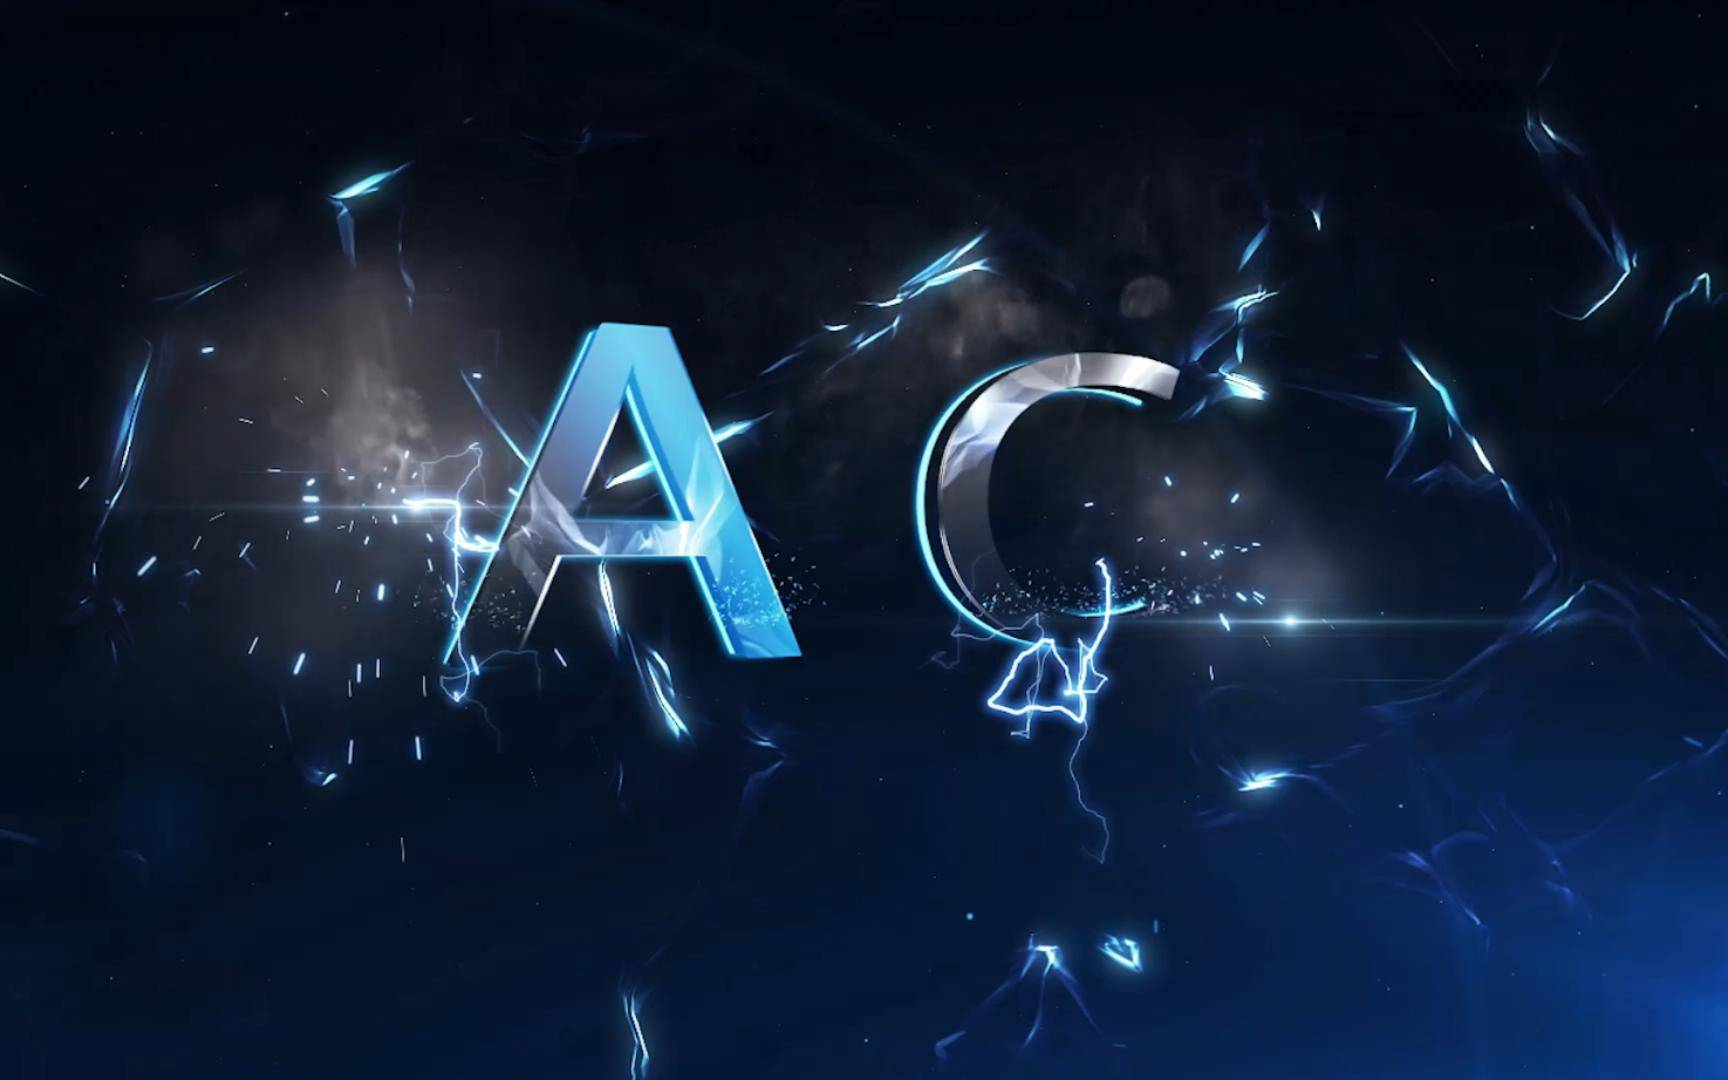 【杏Kyou&临临华】AcFun生日快乐-AC